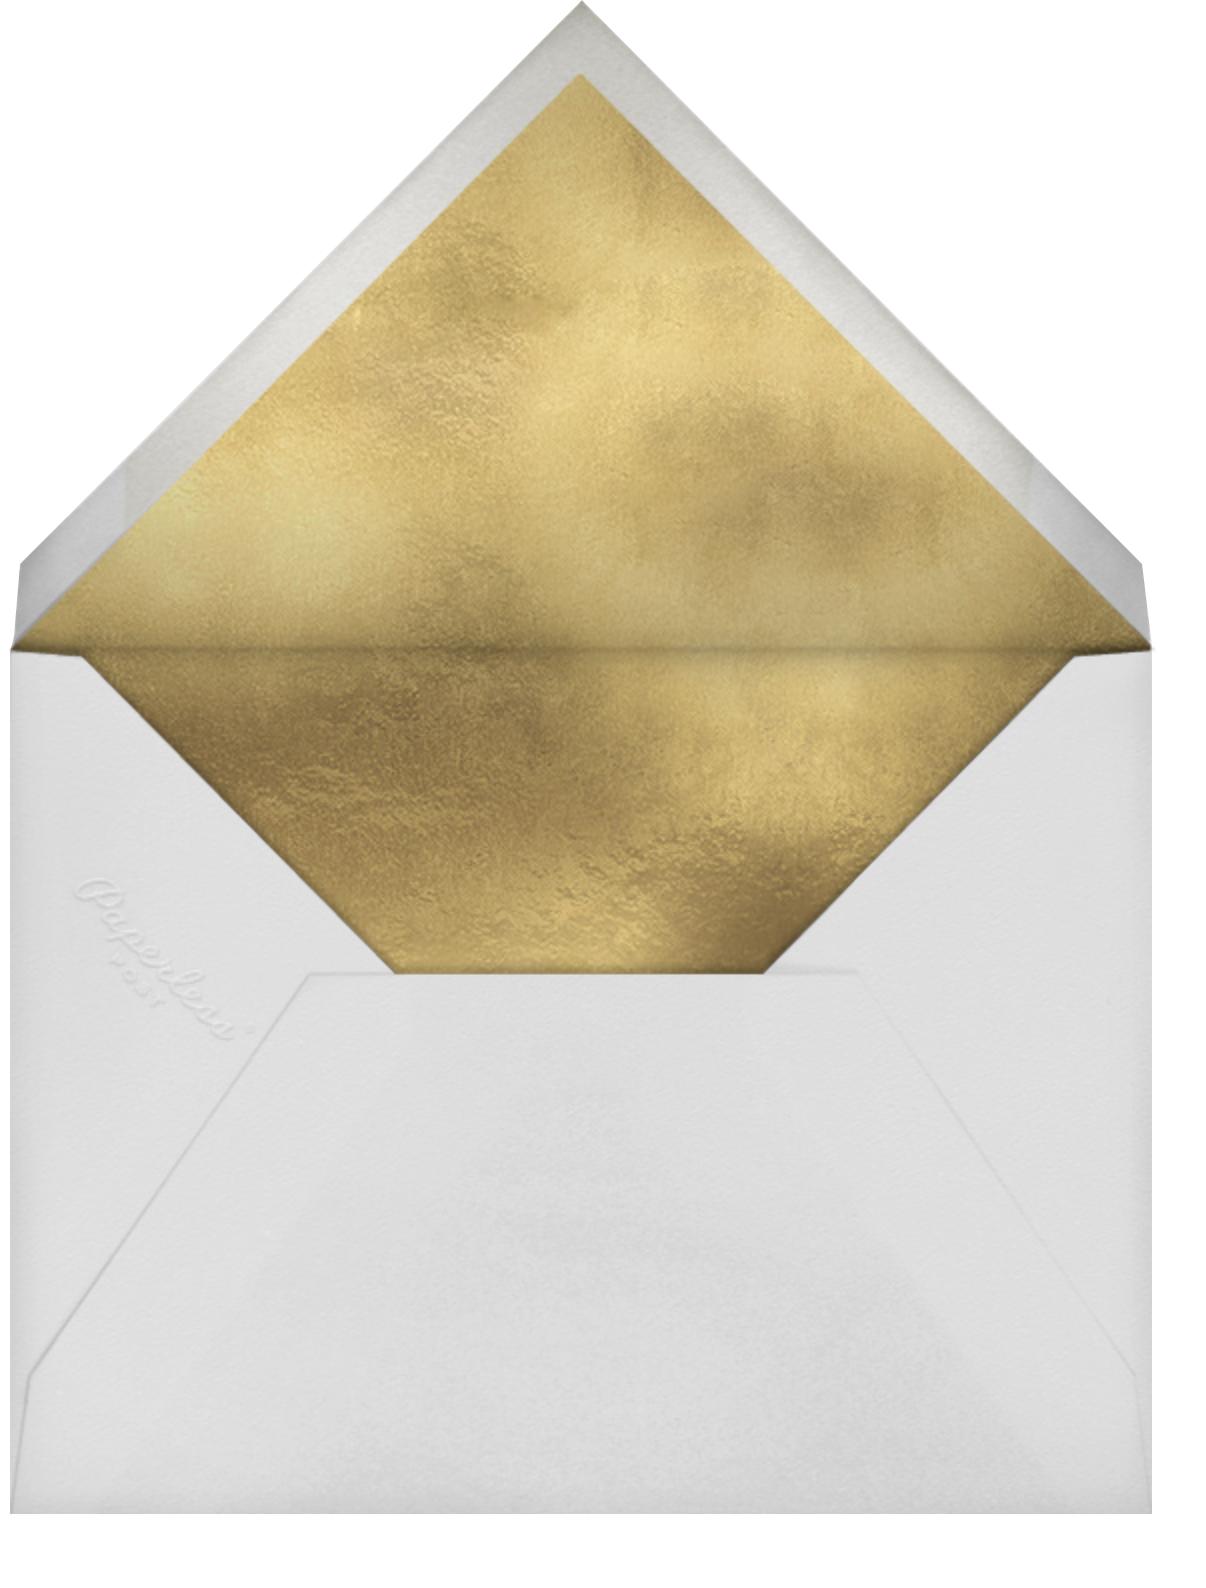 Falala (Greeting) - Flame - The Indigo Bunting - Christmas - envelope back